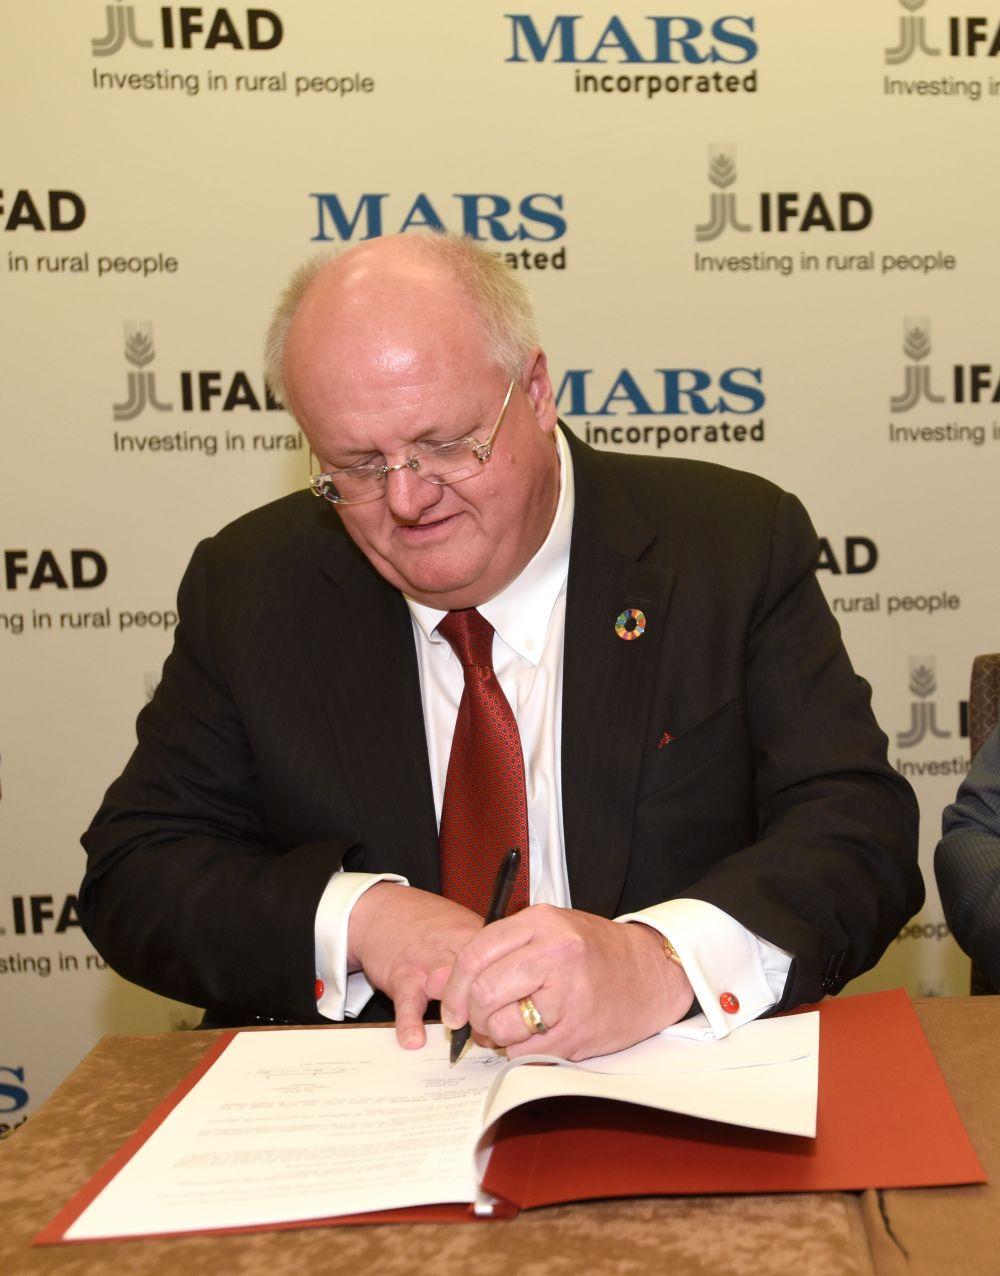 От началото на годината Марс са станали по-богати с 37 милиарда долара, а общото им състояние достигна 126,5 милиарда долара.